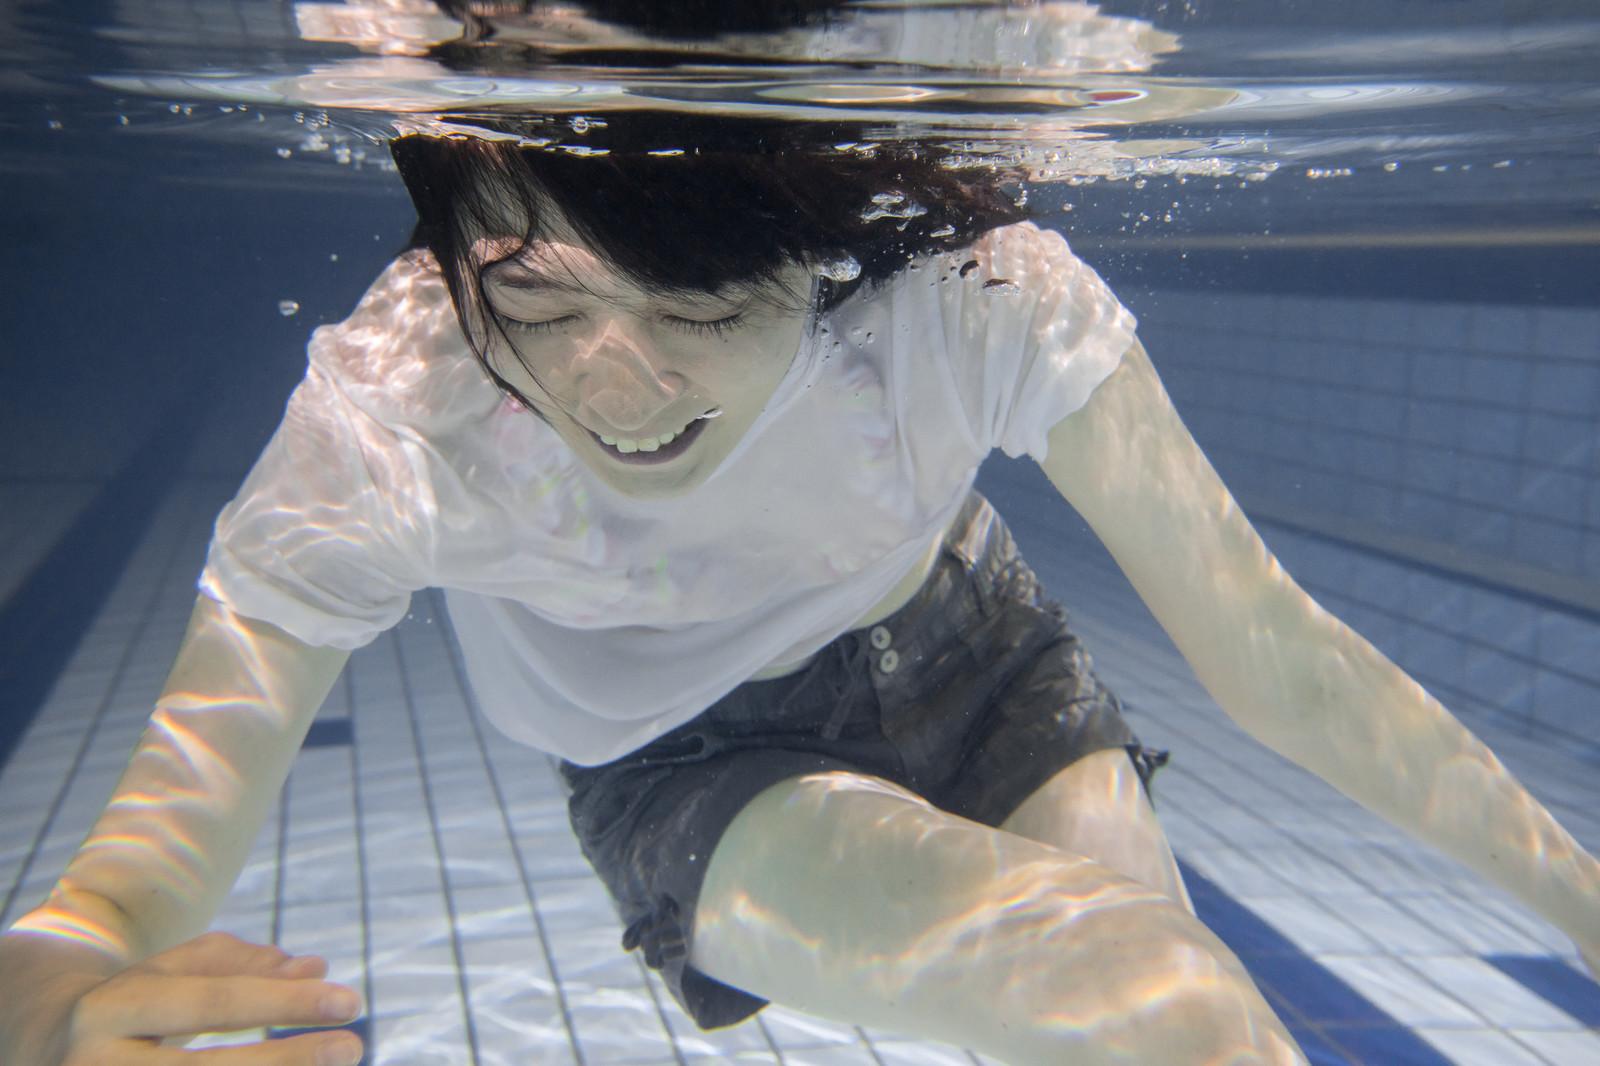 プールの塩素って害あるの?【驚愕】飲んでも問題ないという事実!